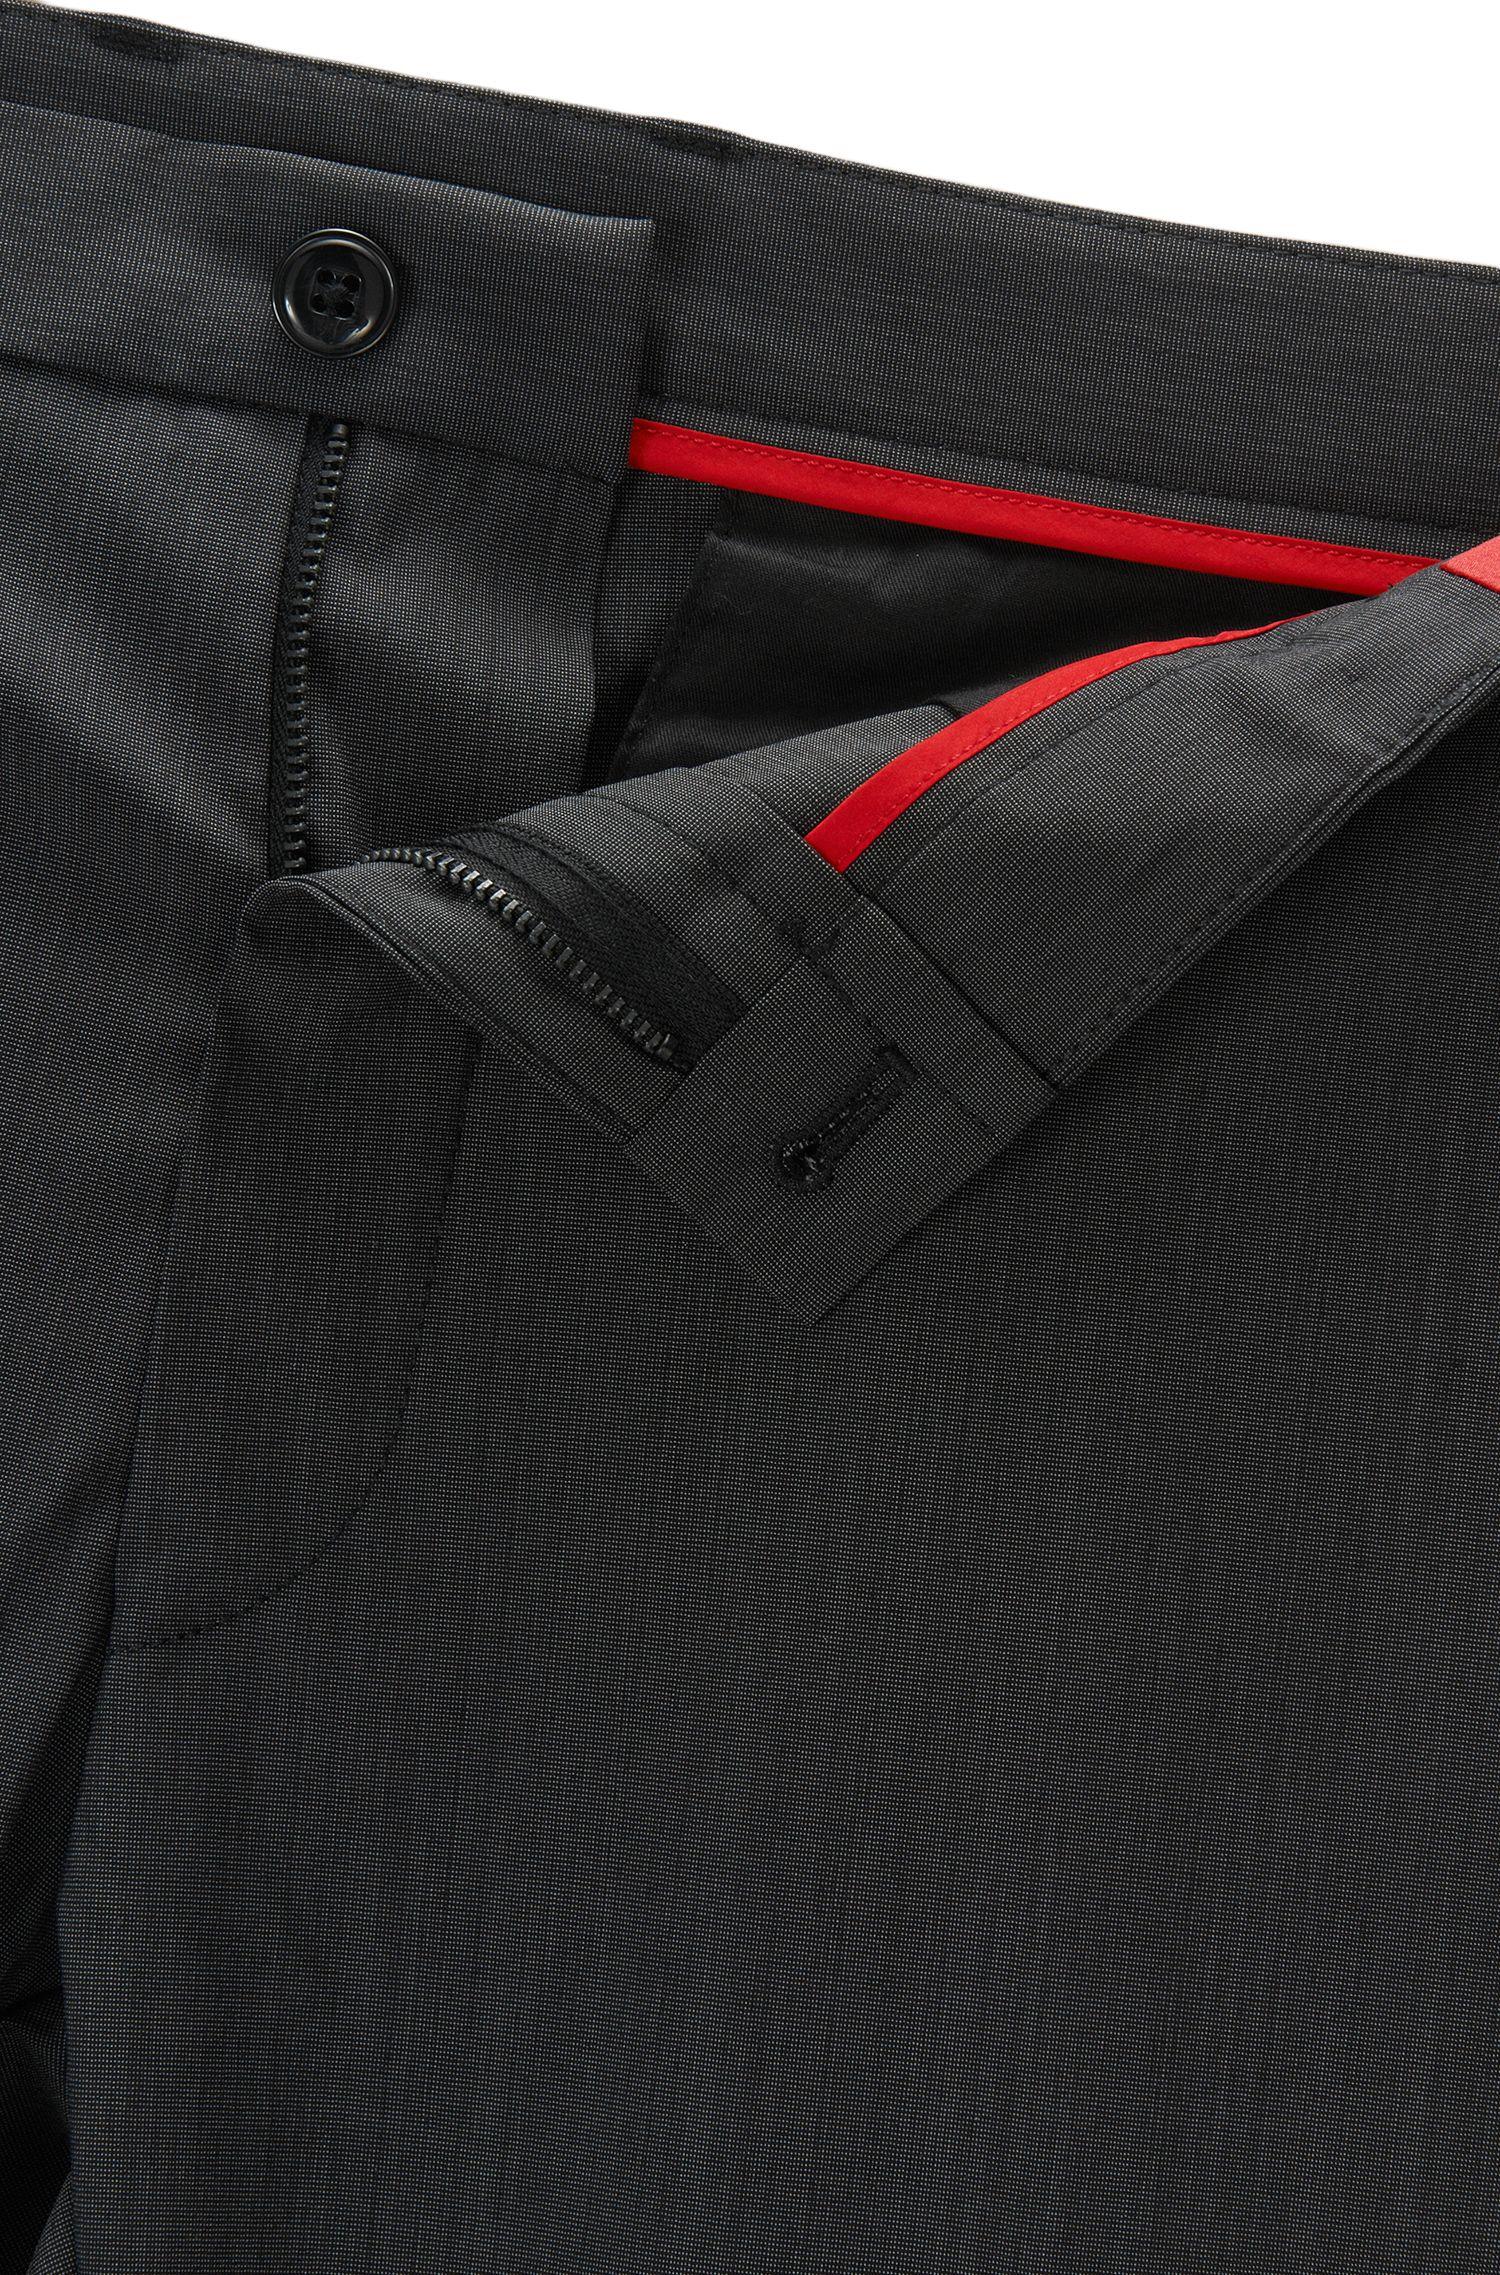 Virgin Wool Blend Pants, Slim Fit | Heldor, Black